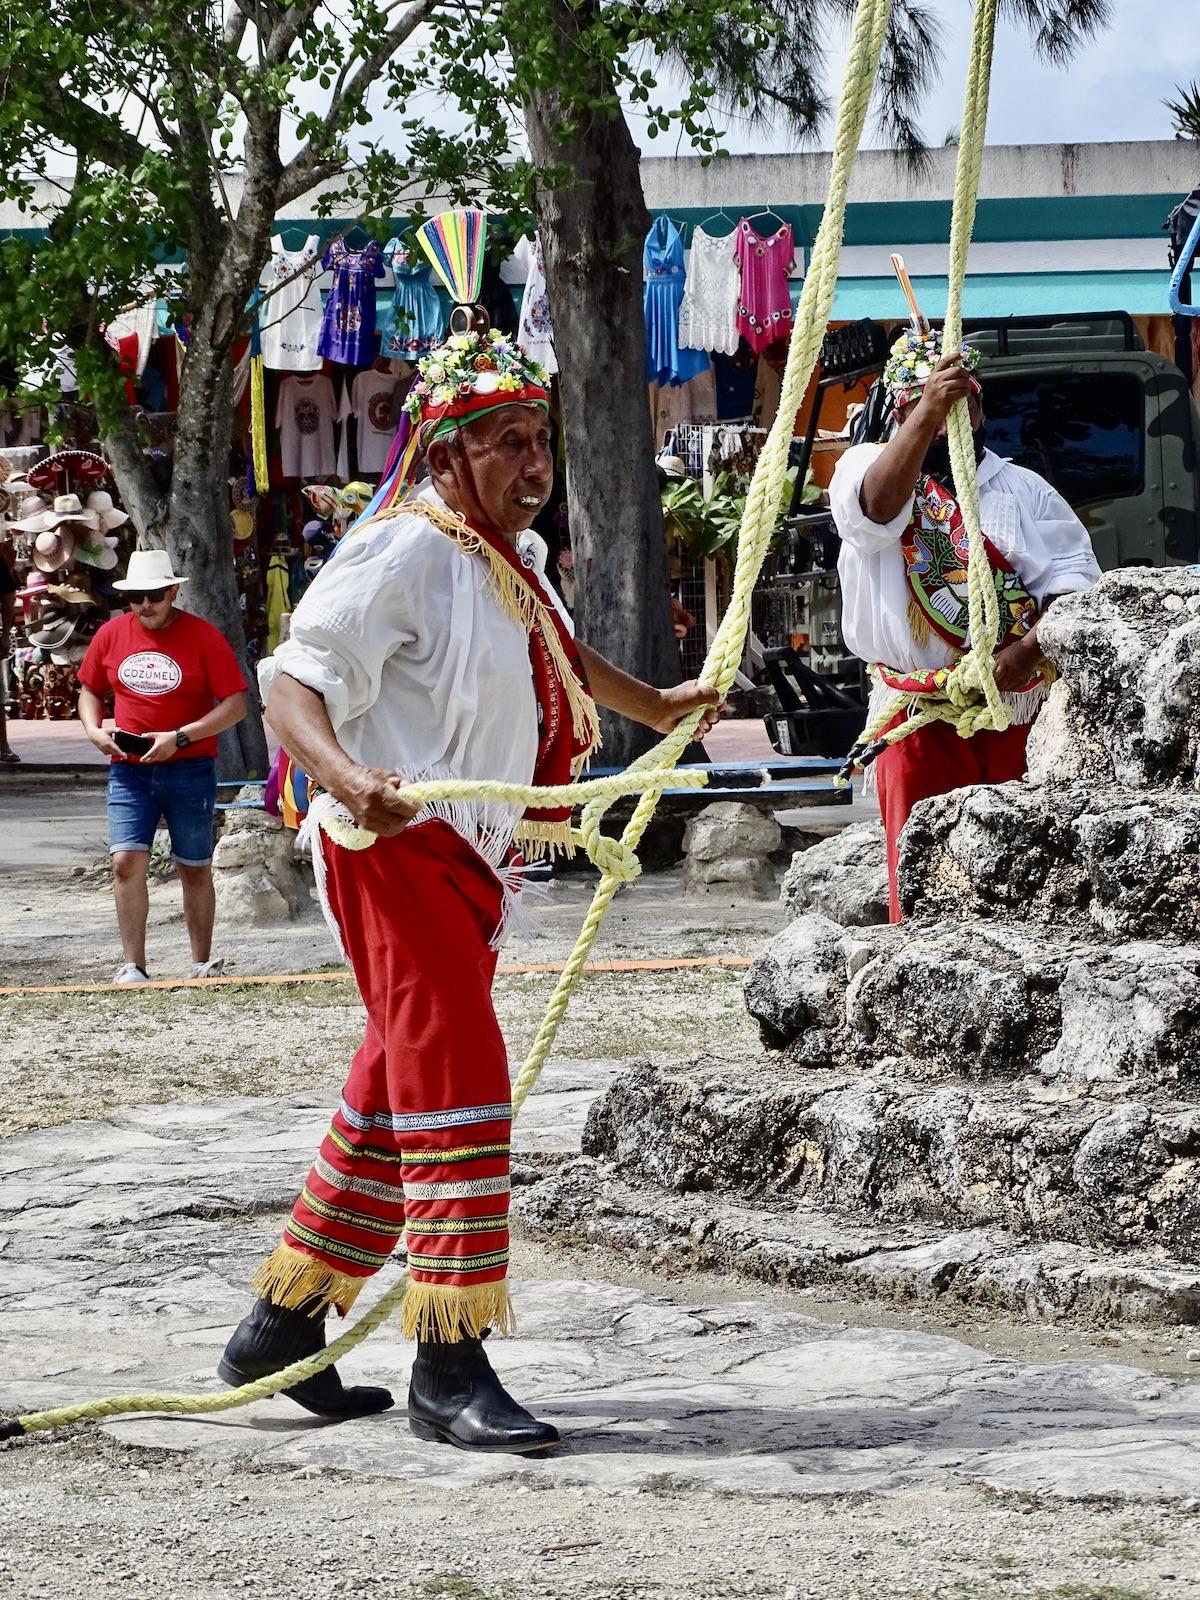 tulum-ruins-ruinas-mexico-indigena-maya-indigenous